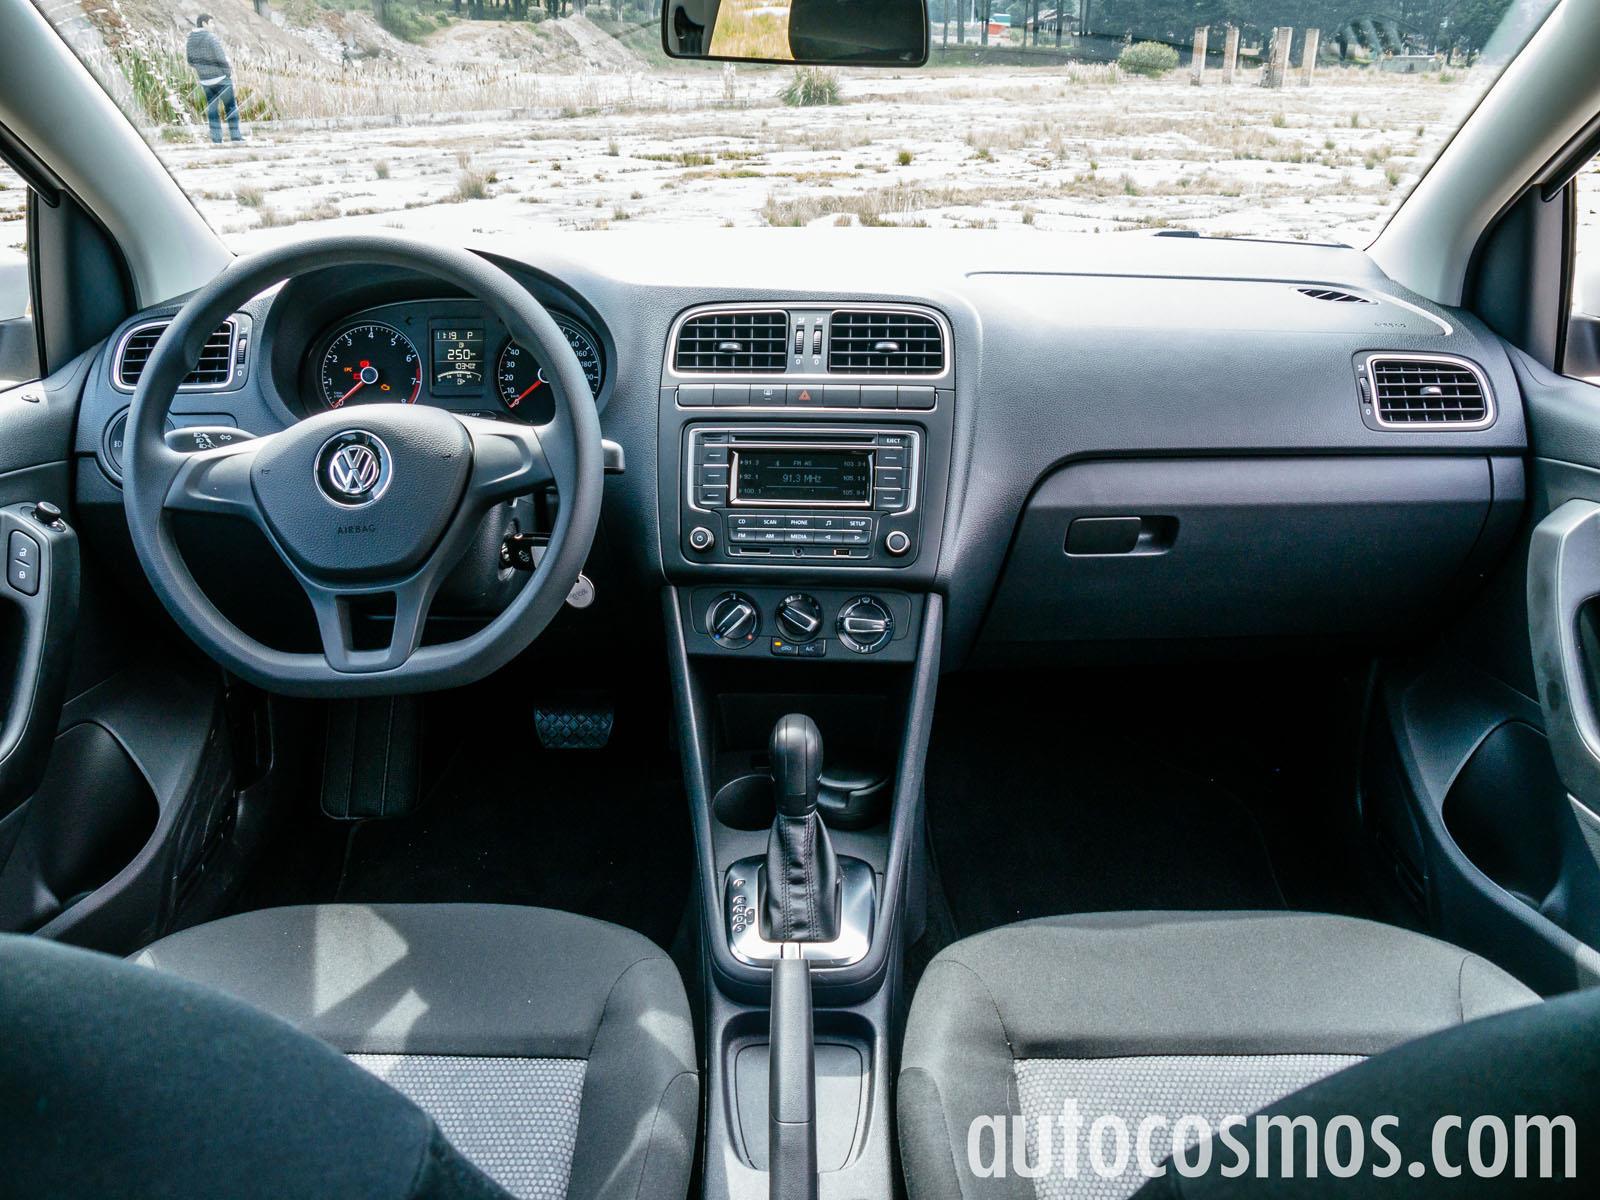 Volkswagen Nuevo Polo 2015 Llega A M 233 Xico Desde 188 700